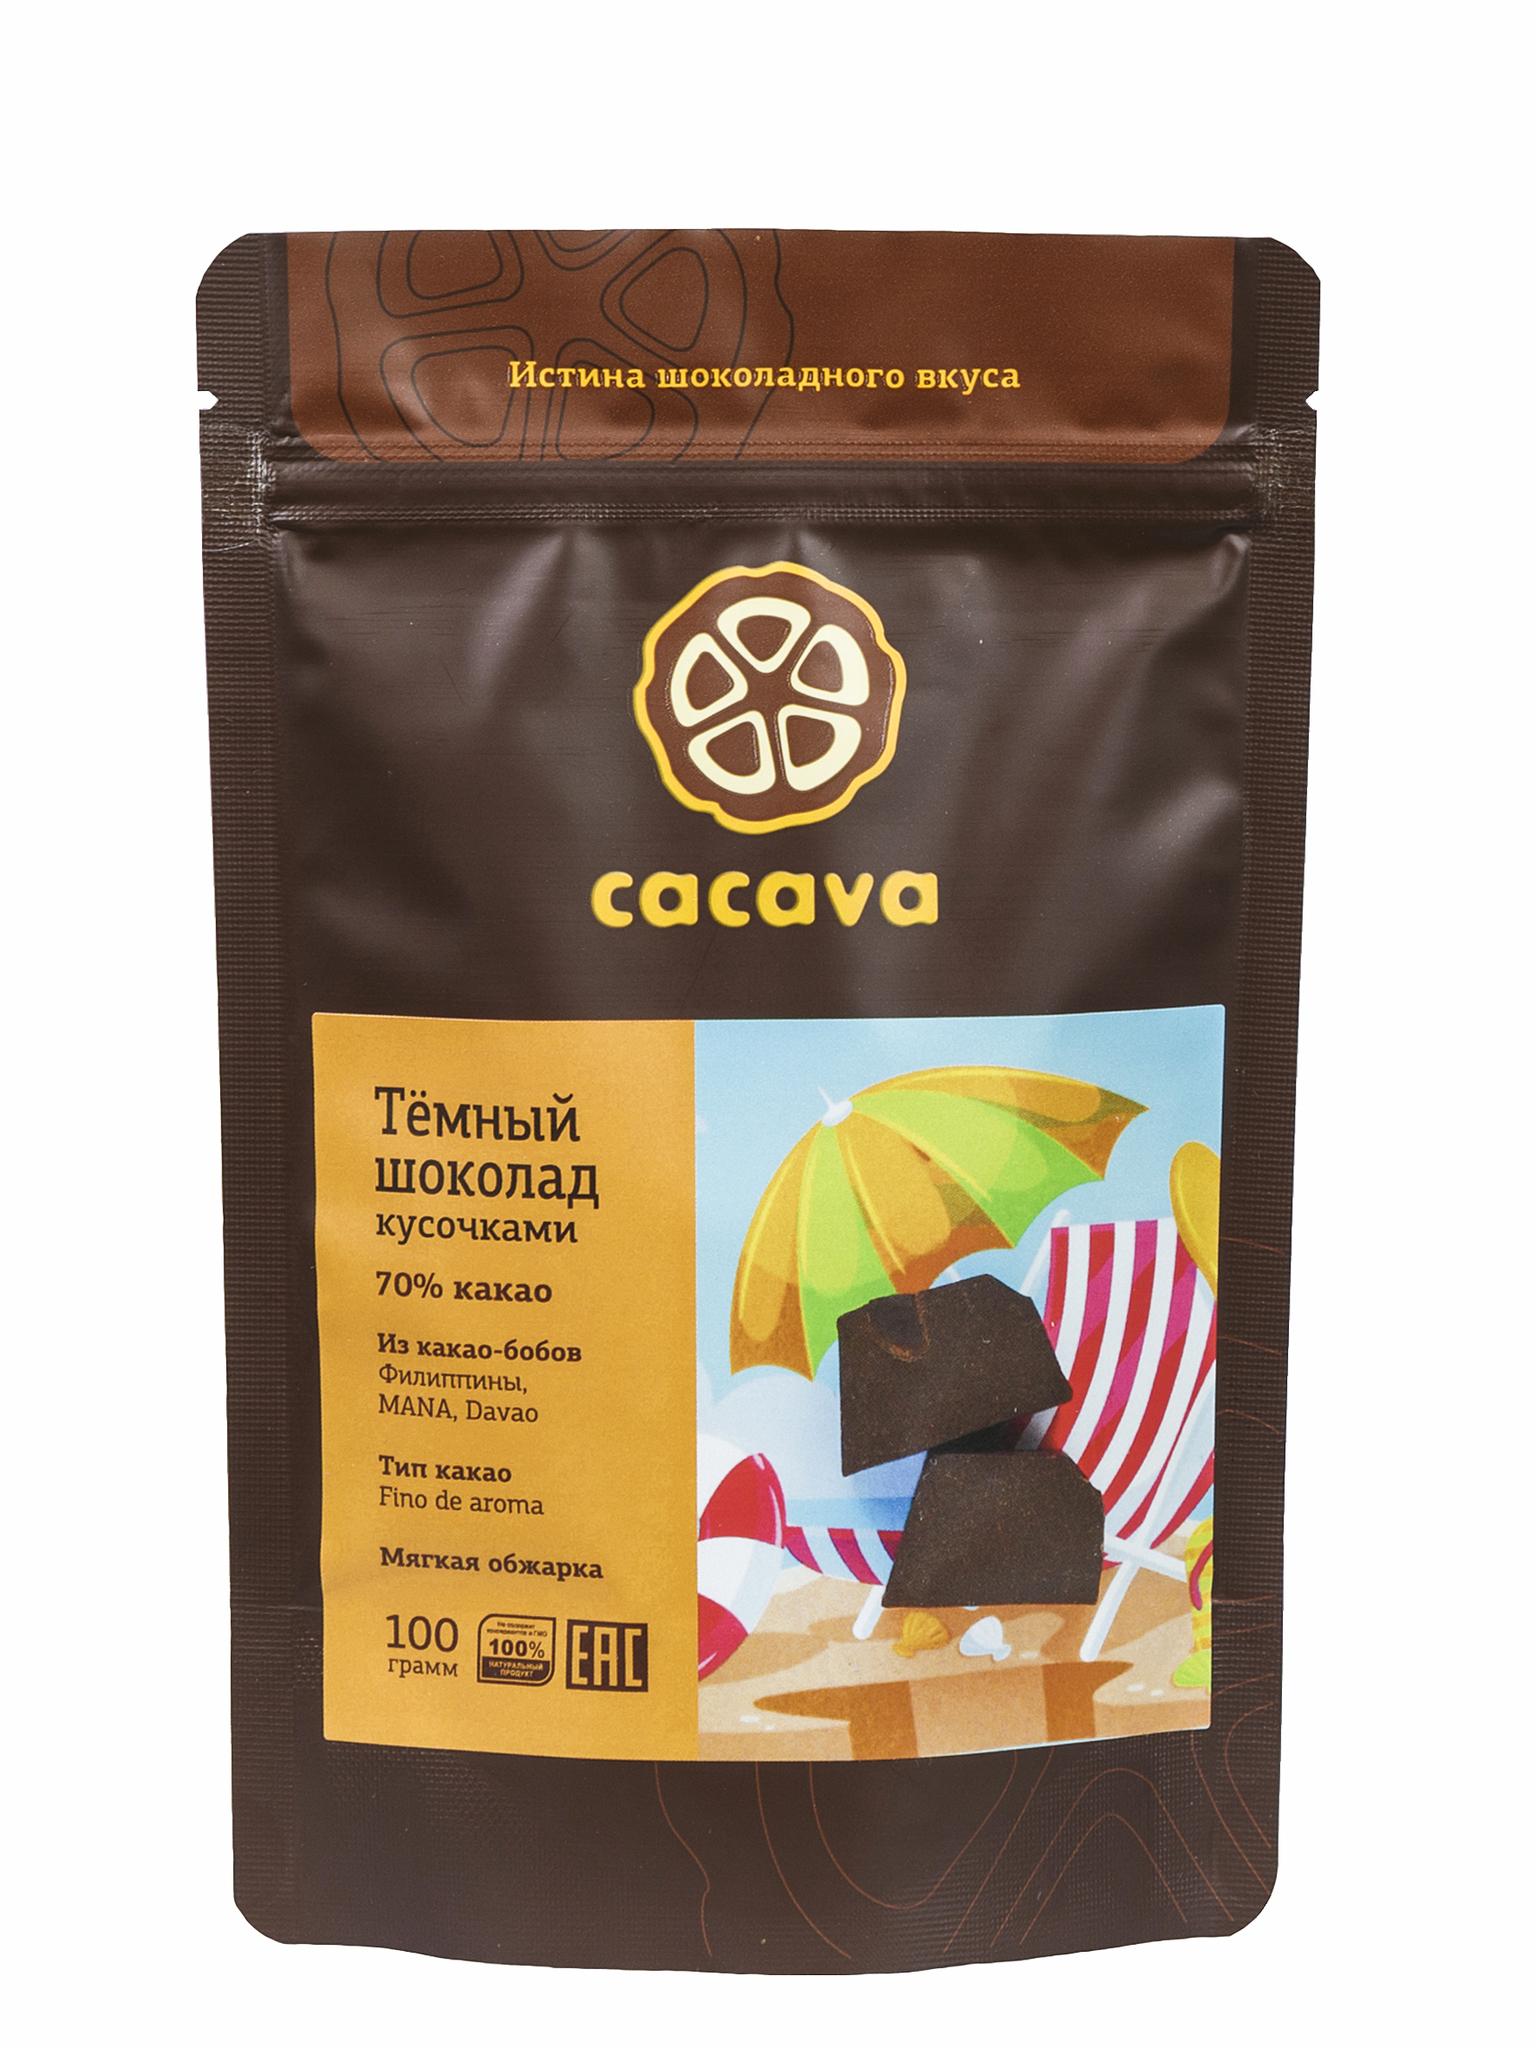 Тёмный шоколад 70 % какао (Филиппины, MANA), упаковка 100 грамм